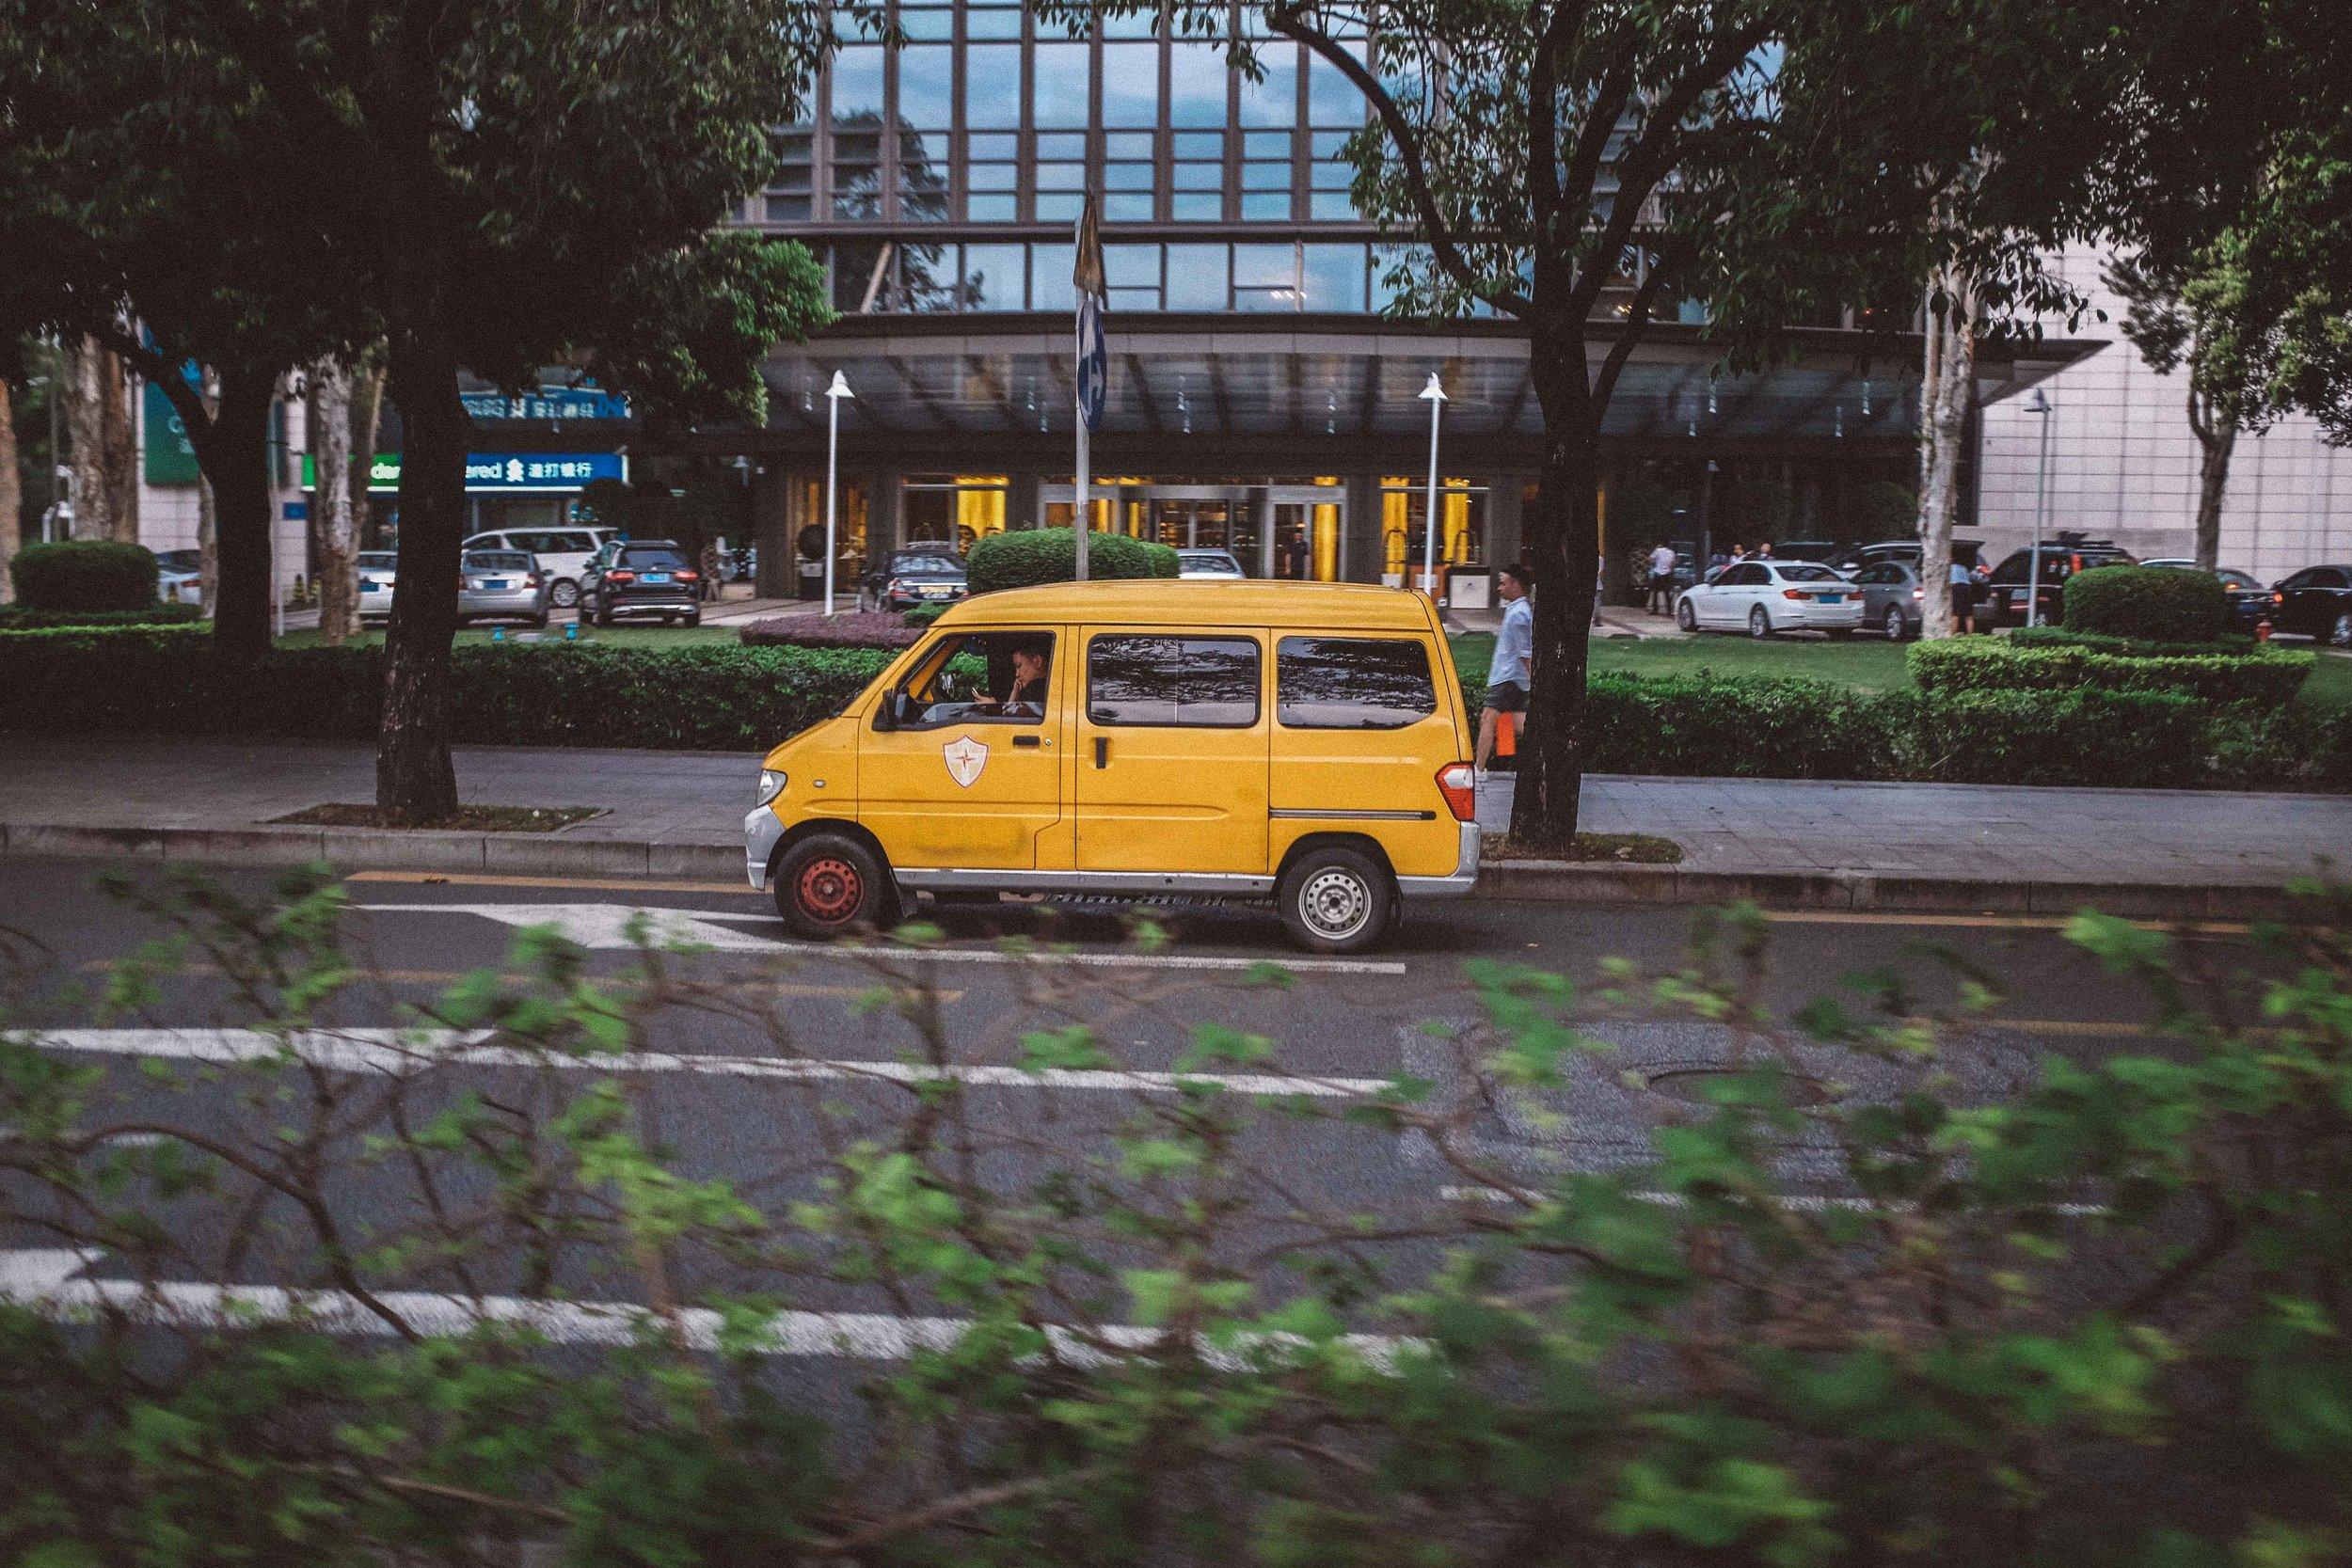 China_x100t_fujifilm_107.jpg